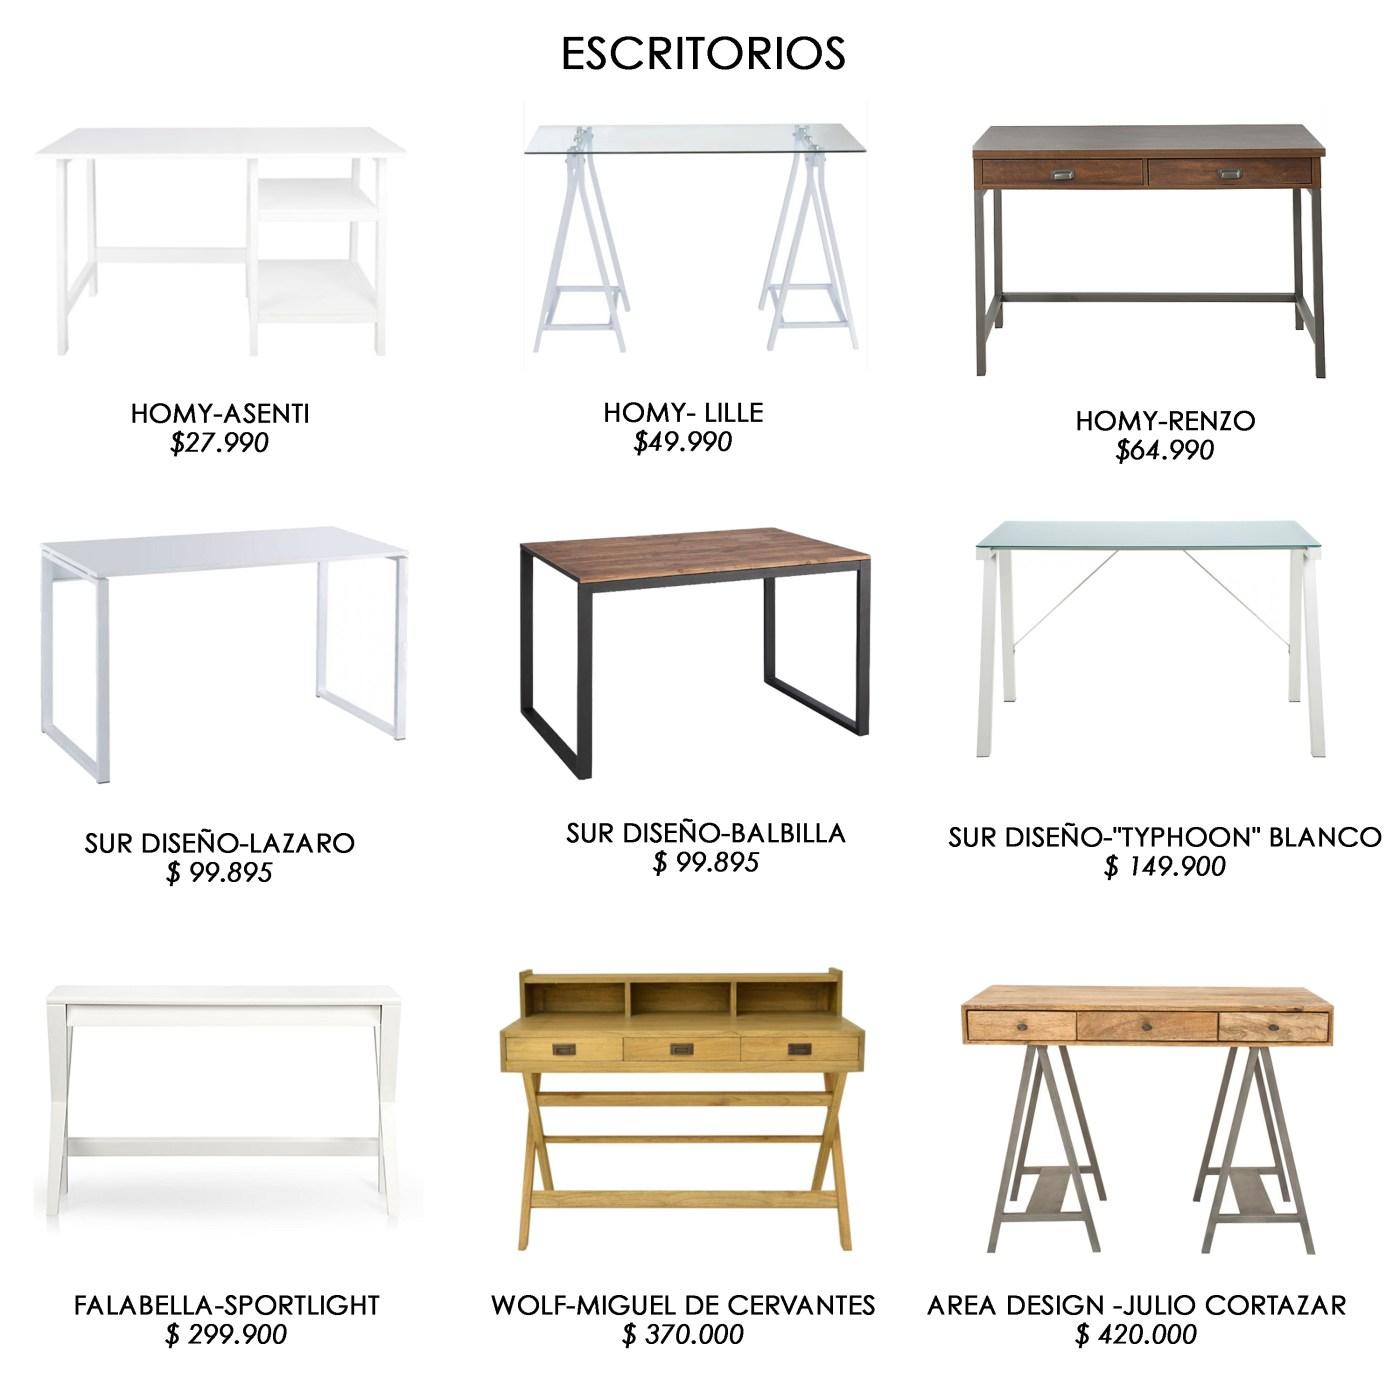 10 opciones_escritorios.jpg